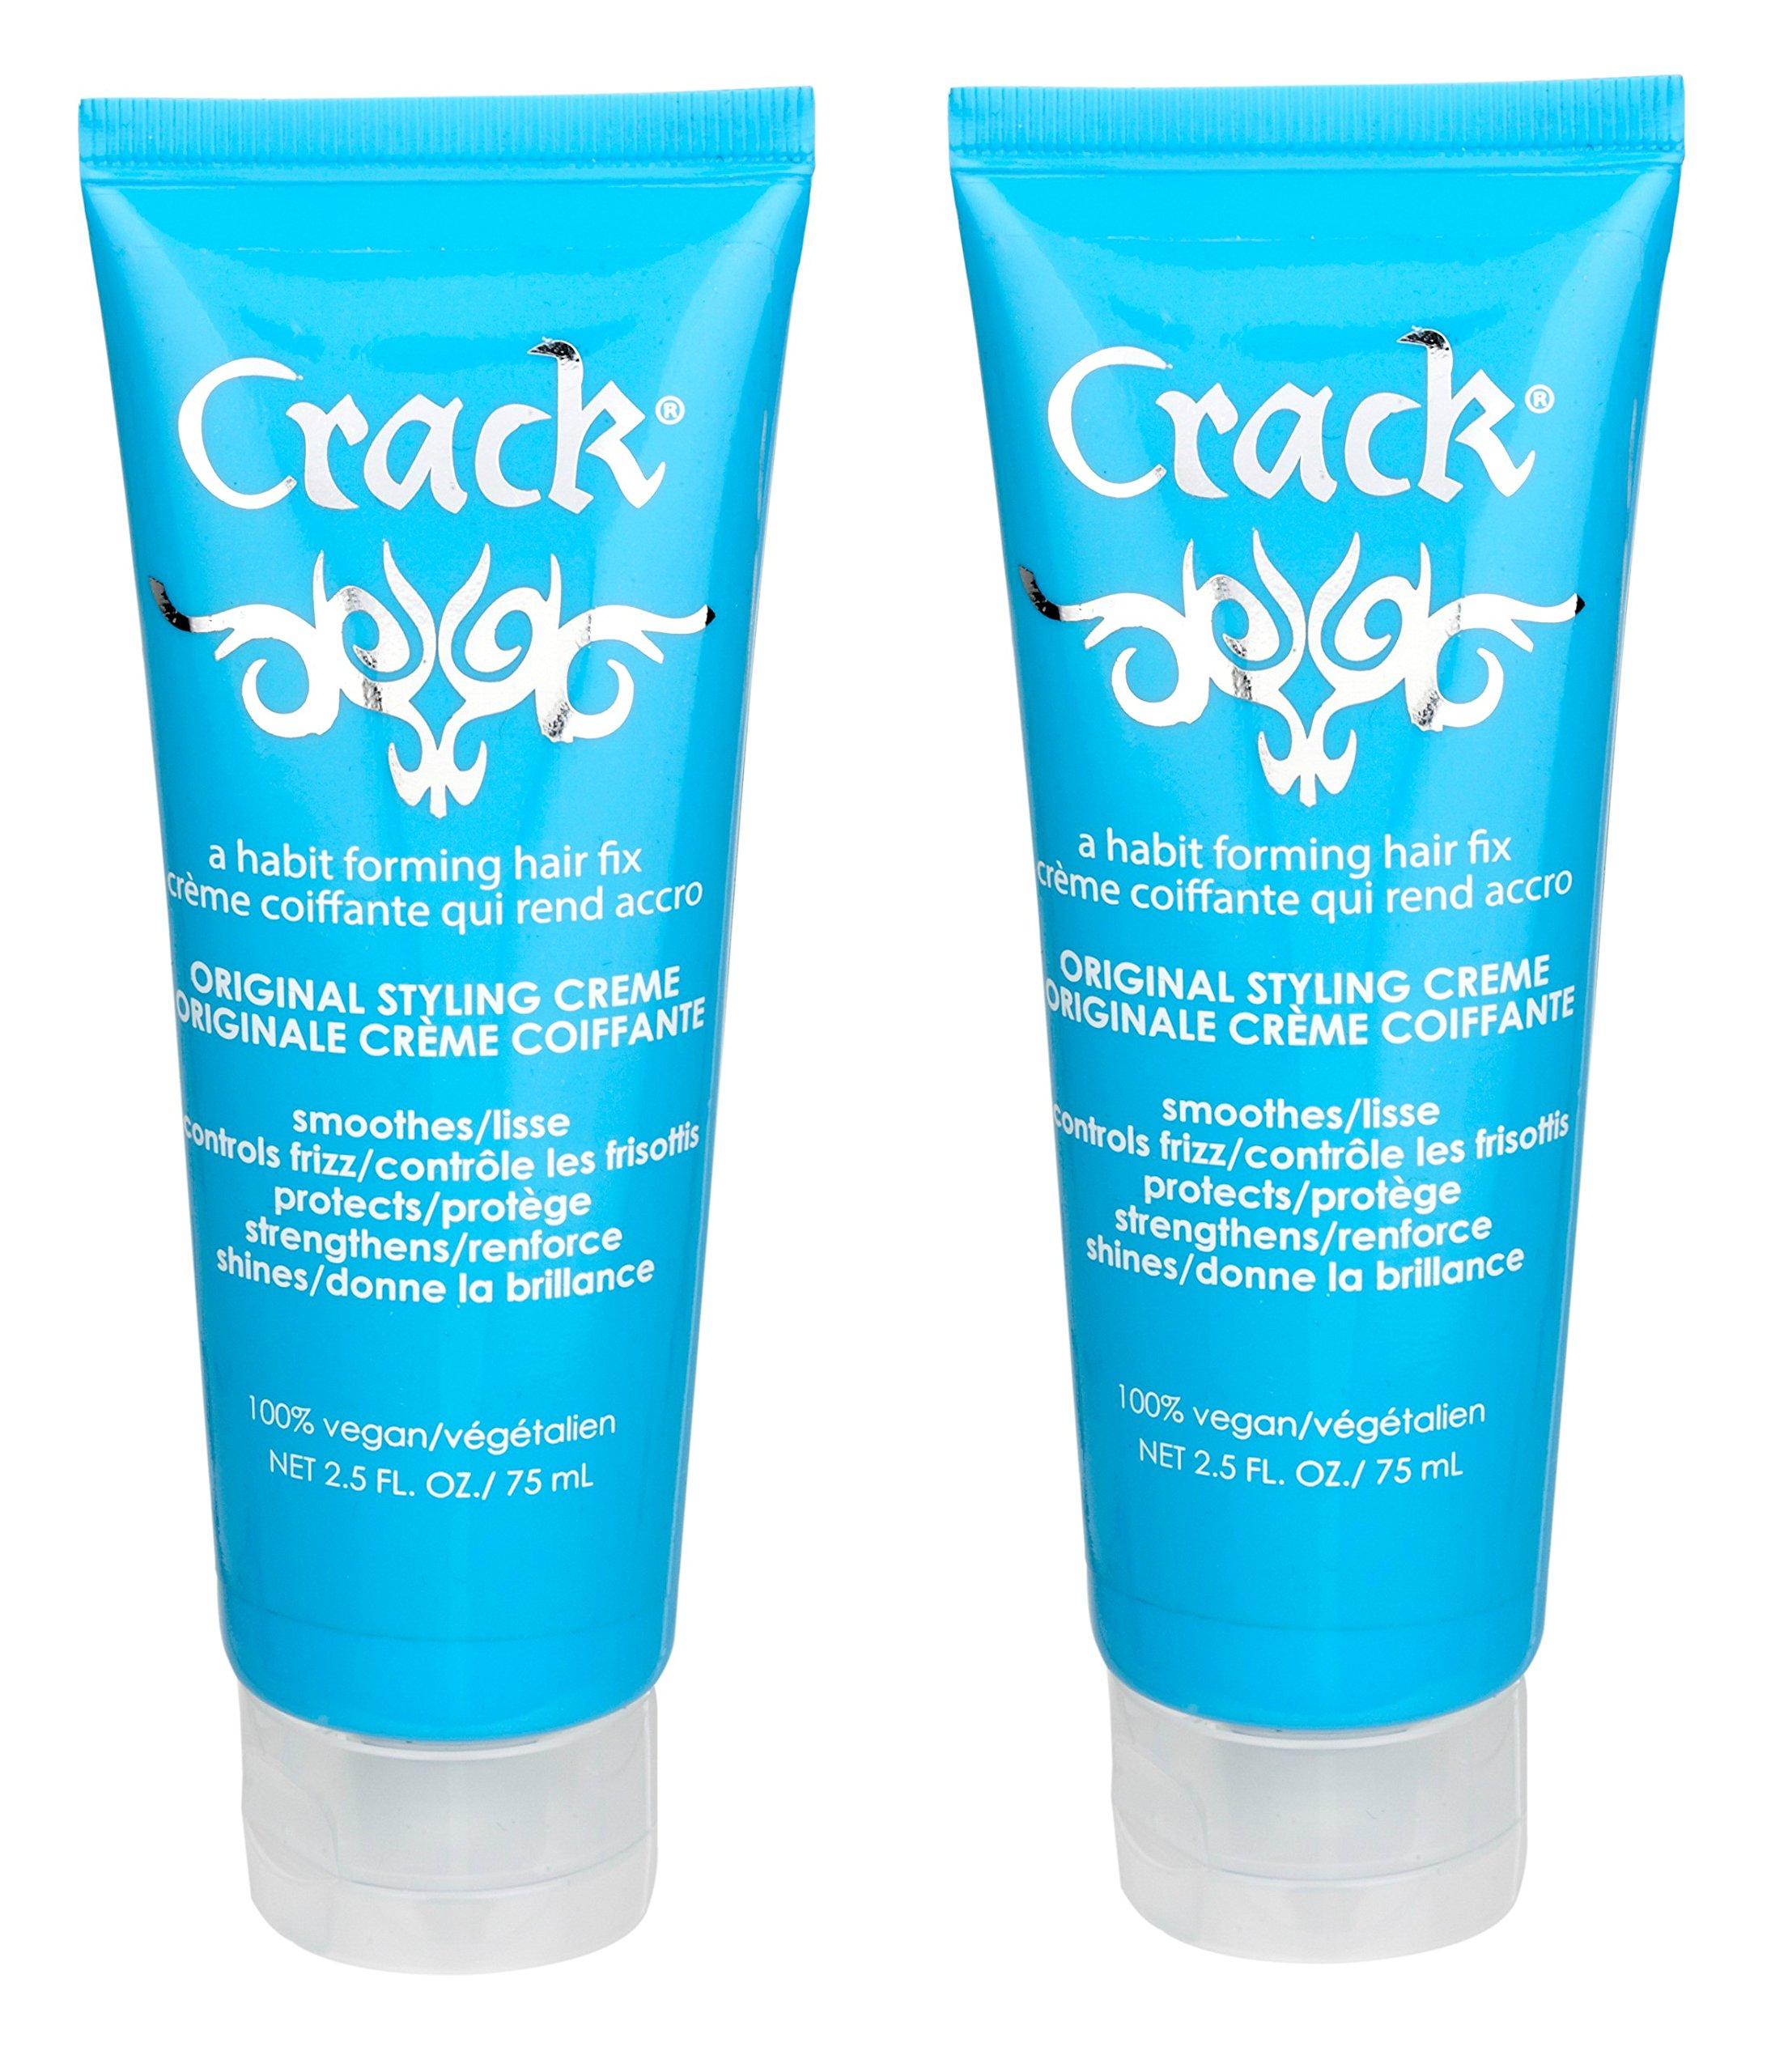 Crack Original Styling Creme 2.5 fl oz (Pack of 2) by Crack